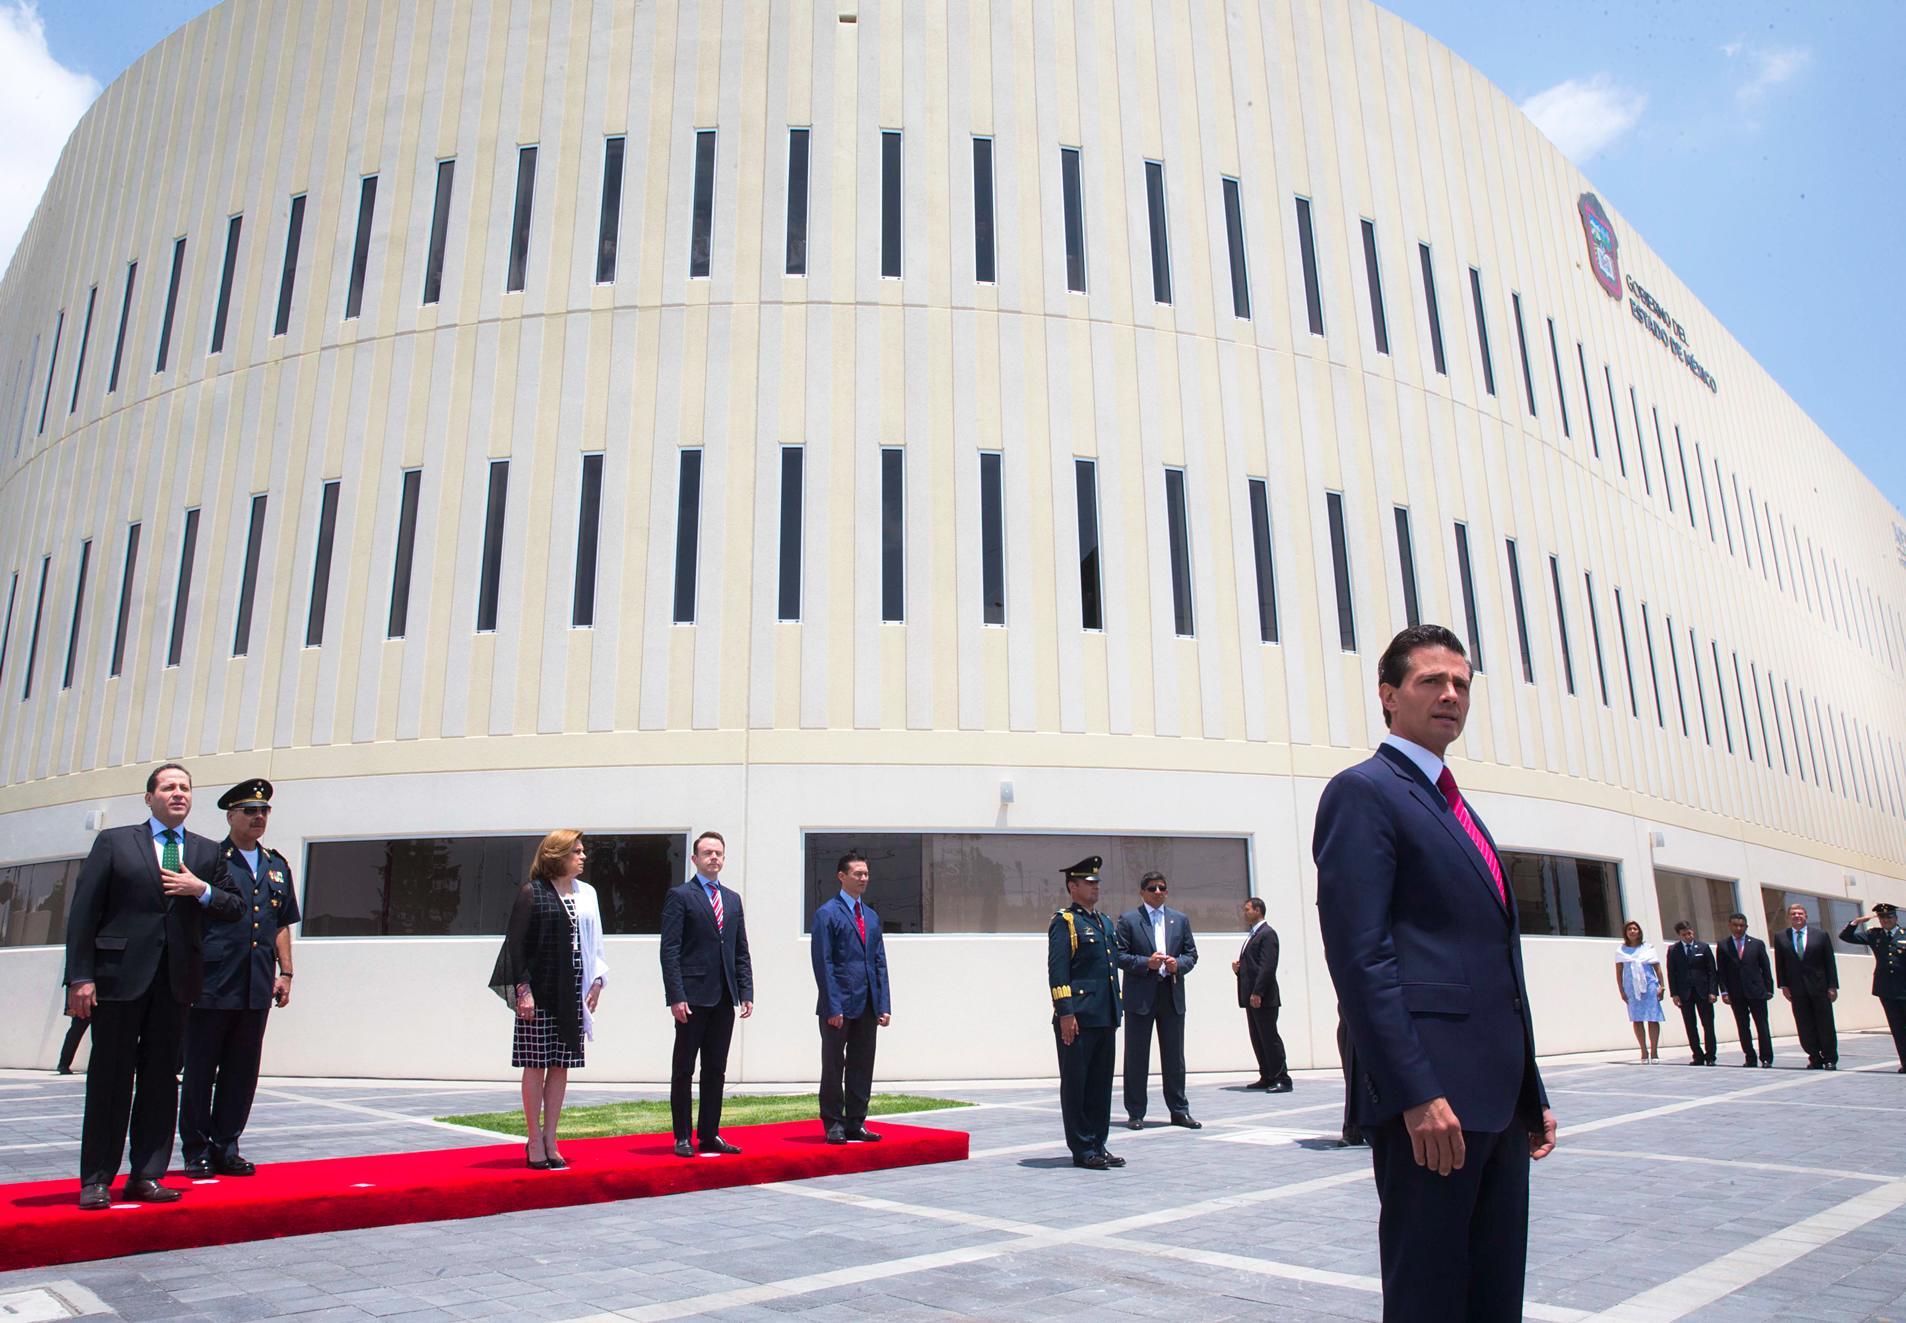 El Primer Mandatario aparece en primer cuadro, atrás el edifico del C5 inaugurado en el Estado de México.